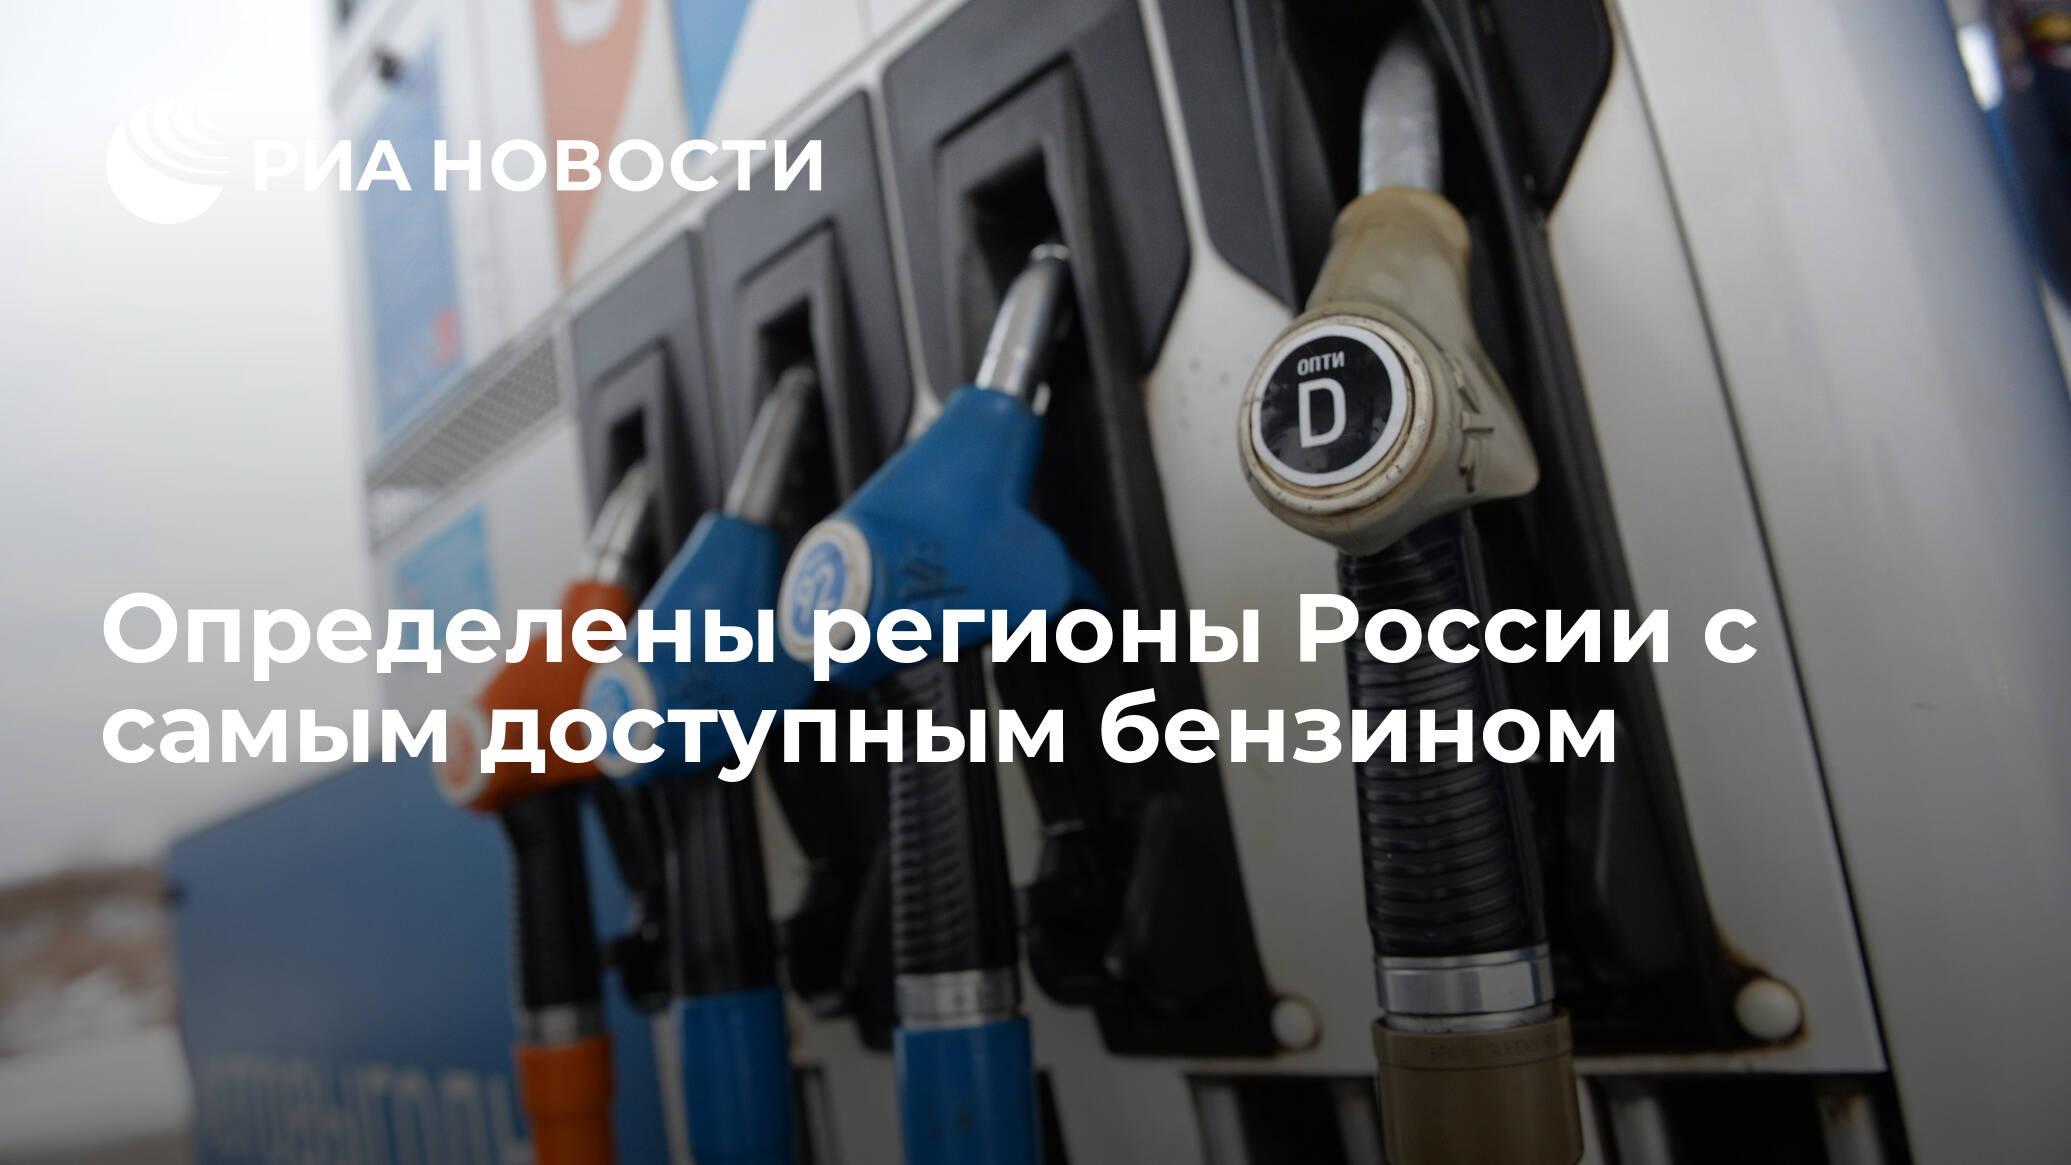 Определены регионы России с самым доступным бензином ...